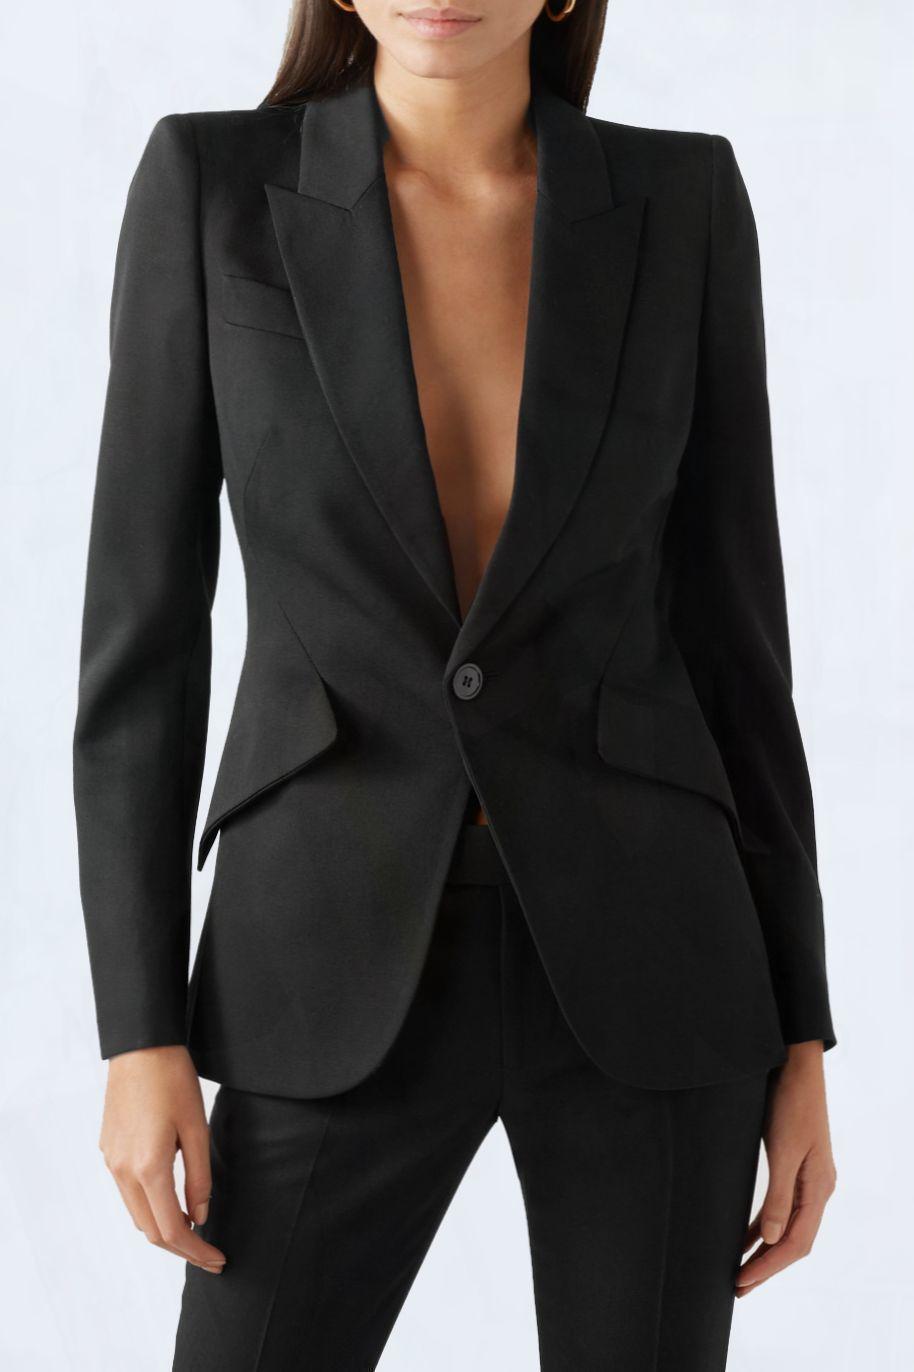 Женский костюм. Этот деловой костюм подойдет для работы и на выход, Костюмы, Оренбург,  Фото №1